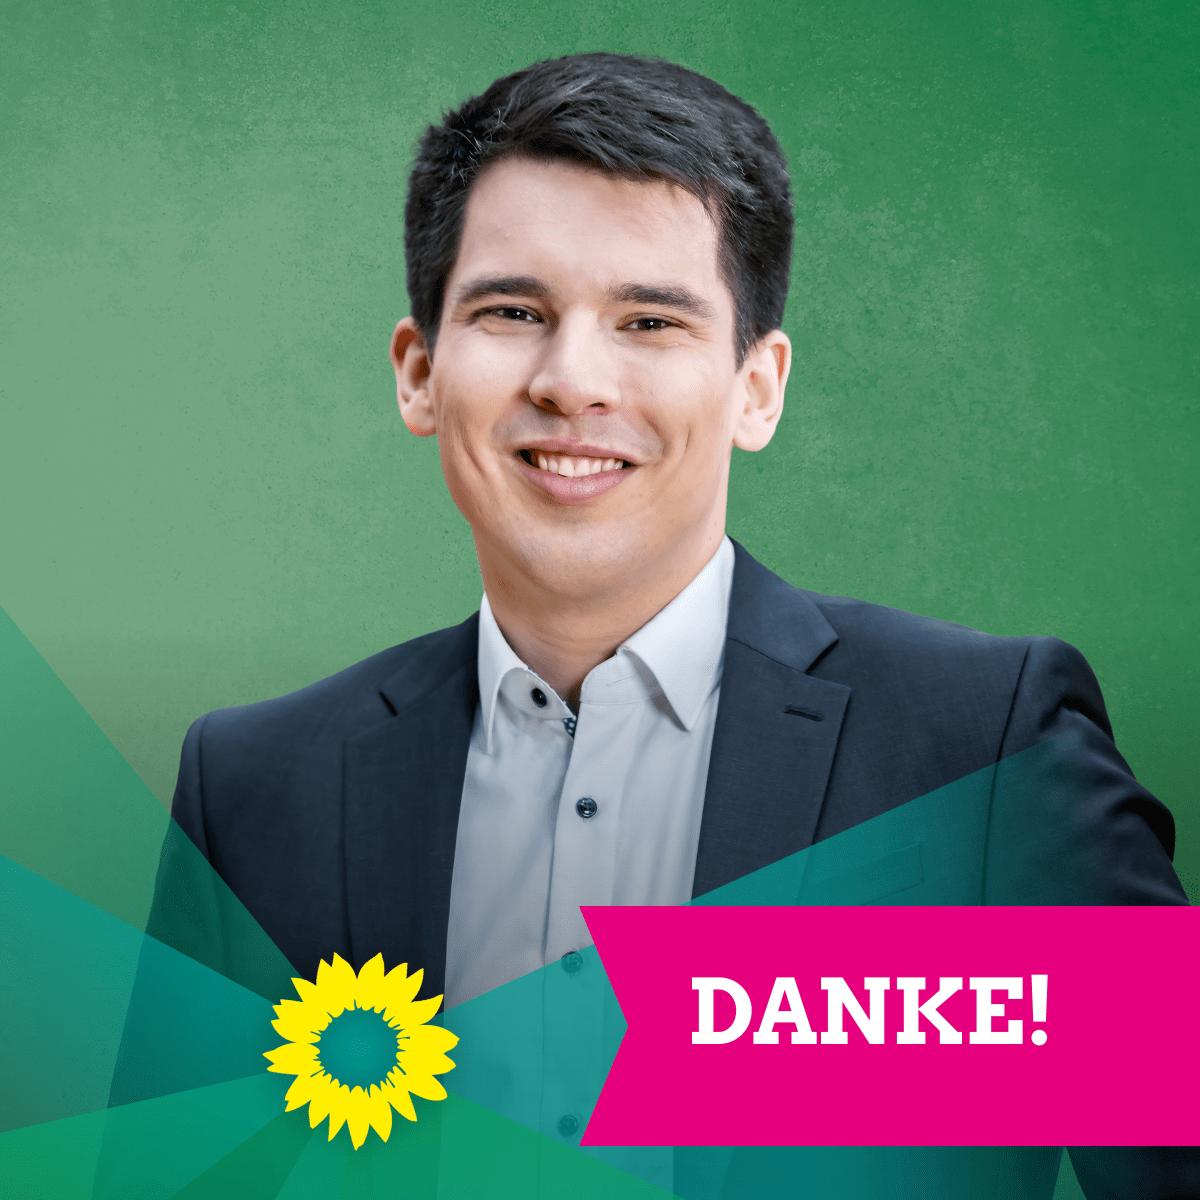 Alexander Salomon unser Kandidat zur Landtagswahl 2021